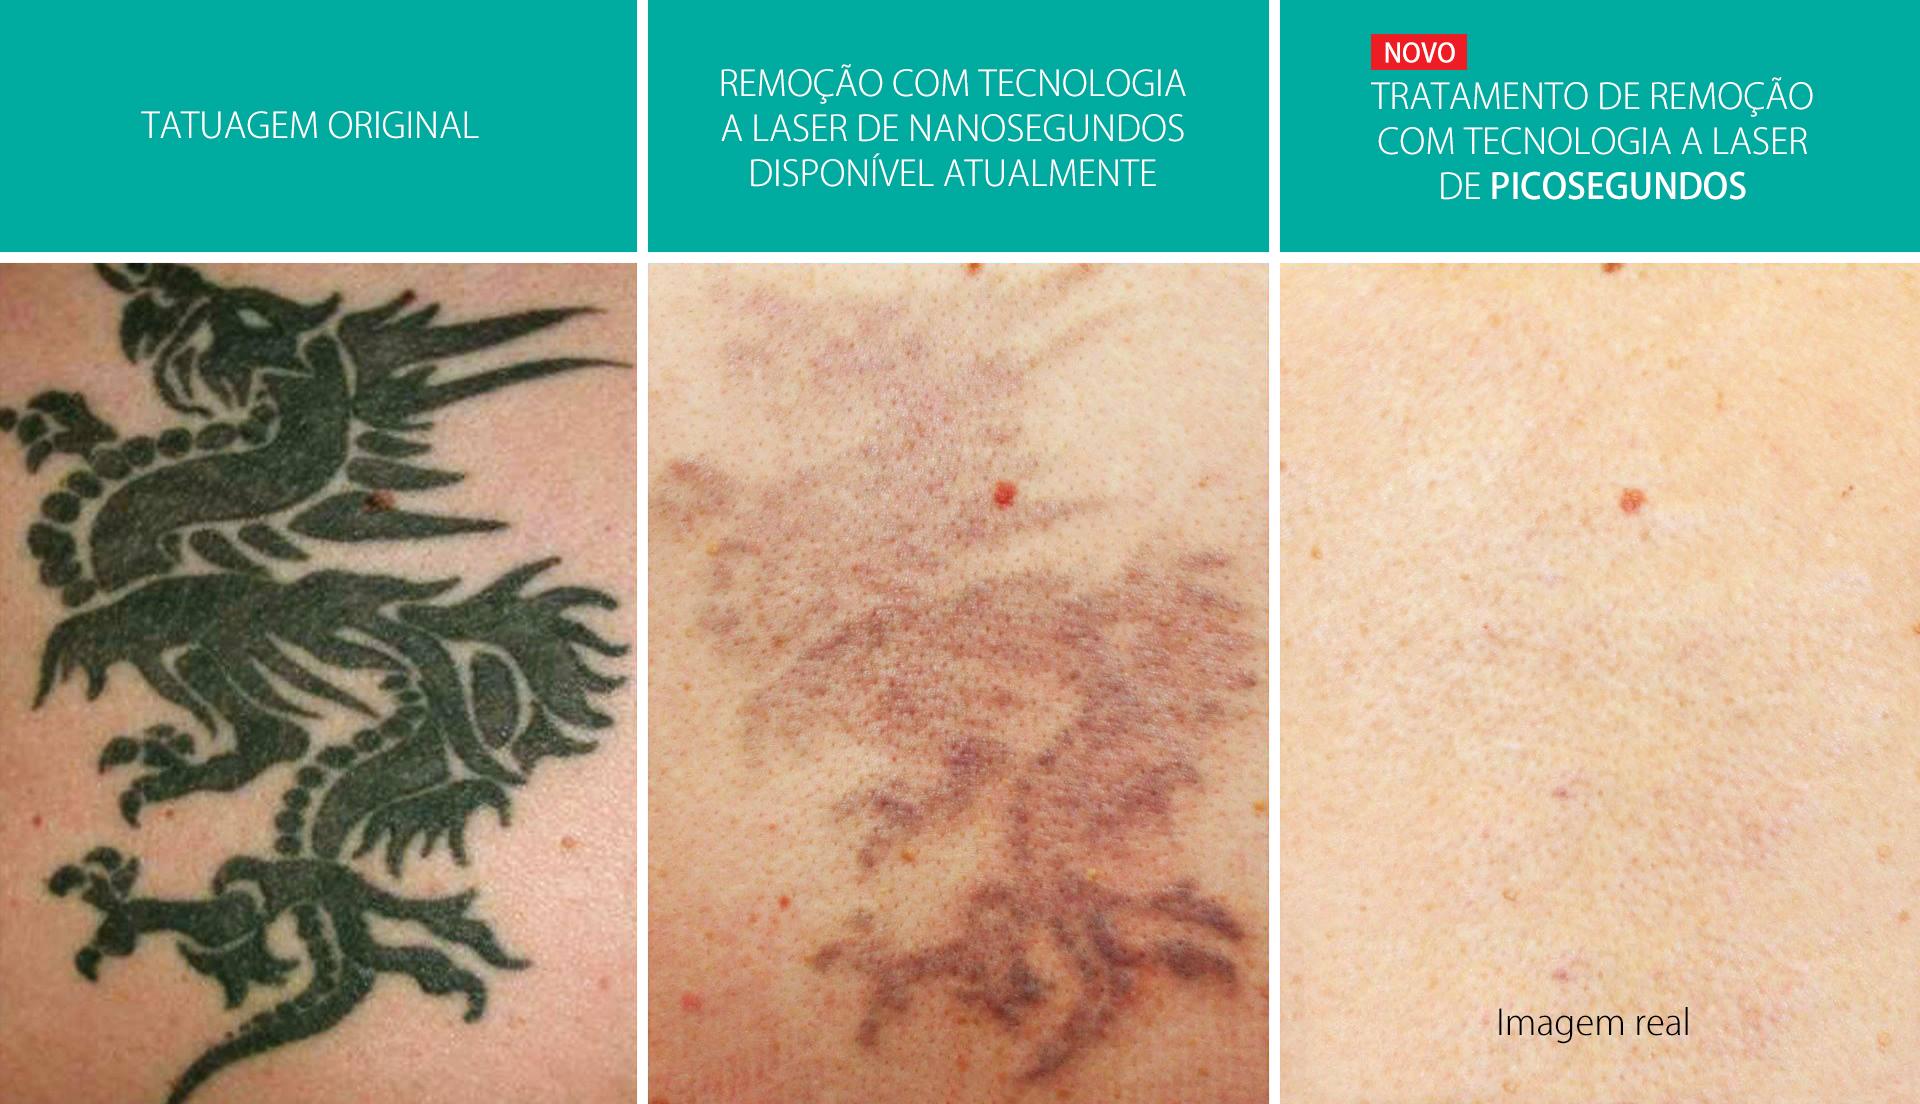 Nova tecnologia a laser de picosegundos é a esperança mais efetiva para quem quer remover uma tatuagem.